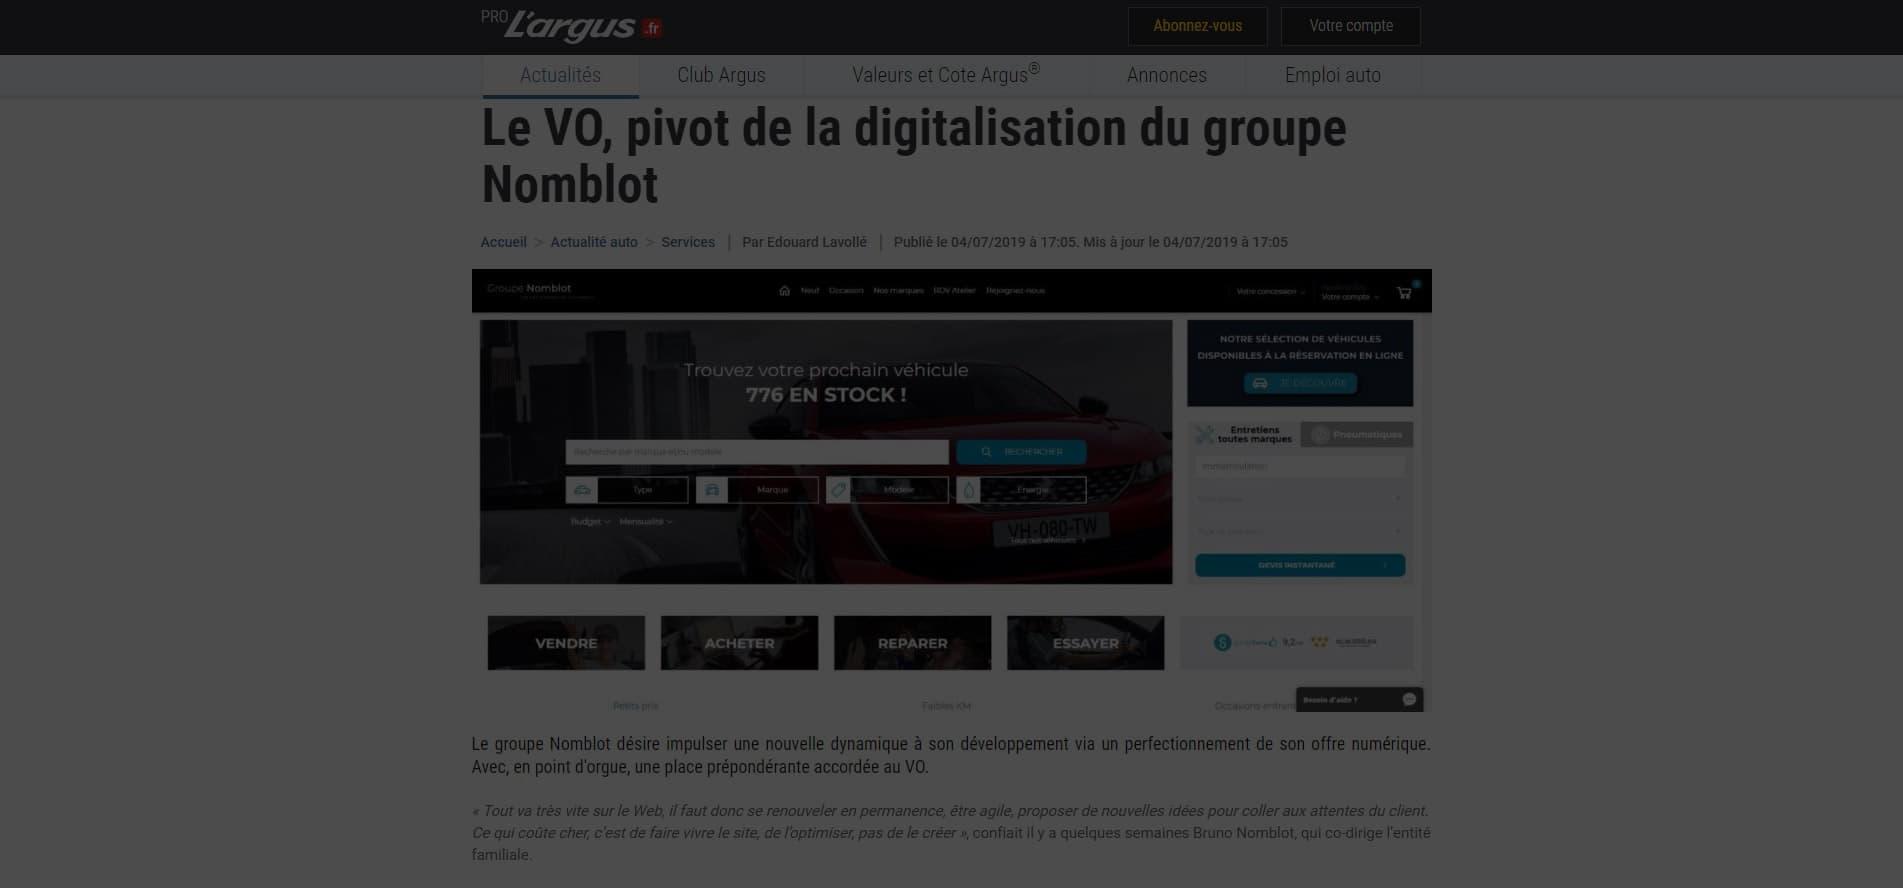 Le VO, pivot de la digitalisation du groupe Nomblot